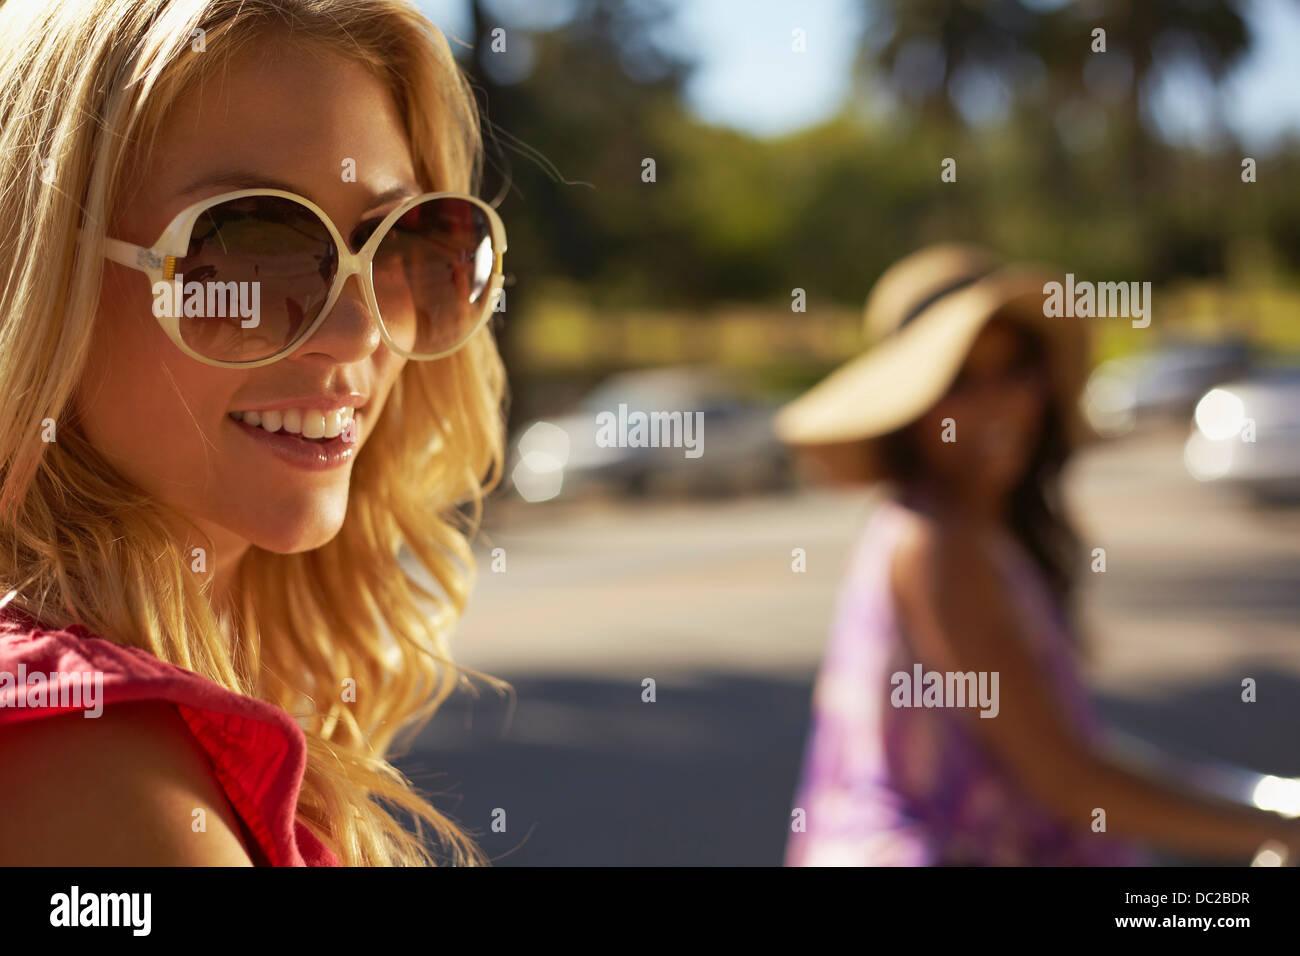 Les femmes sur location de rire Photo Stock